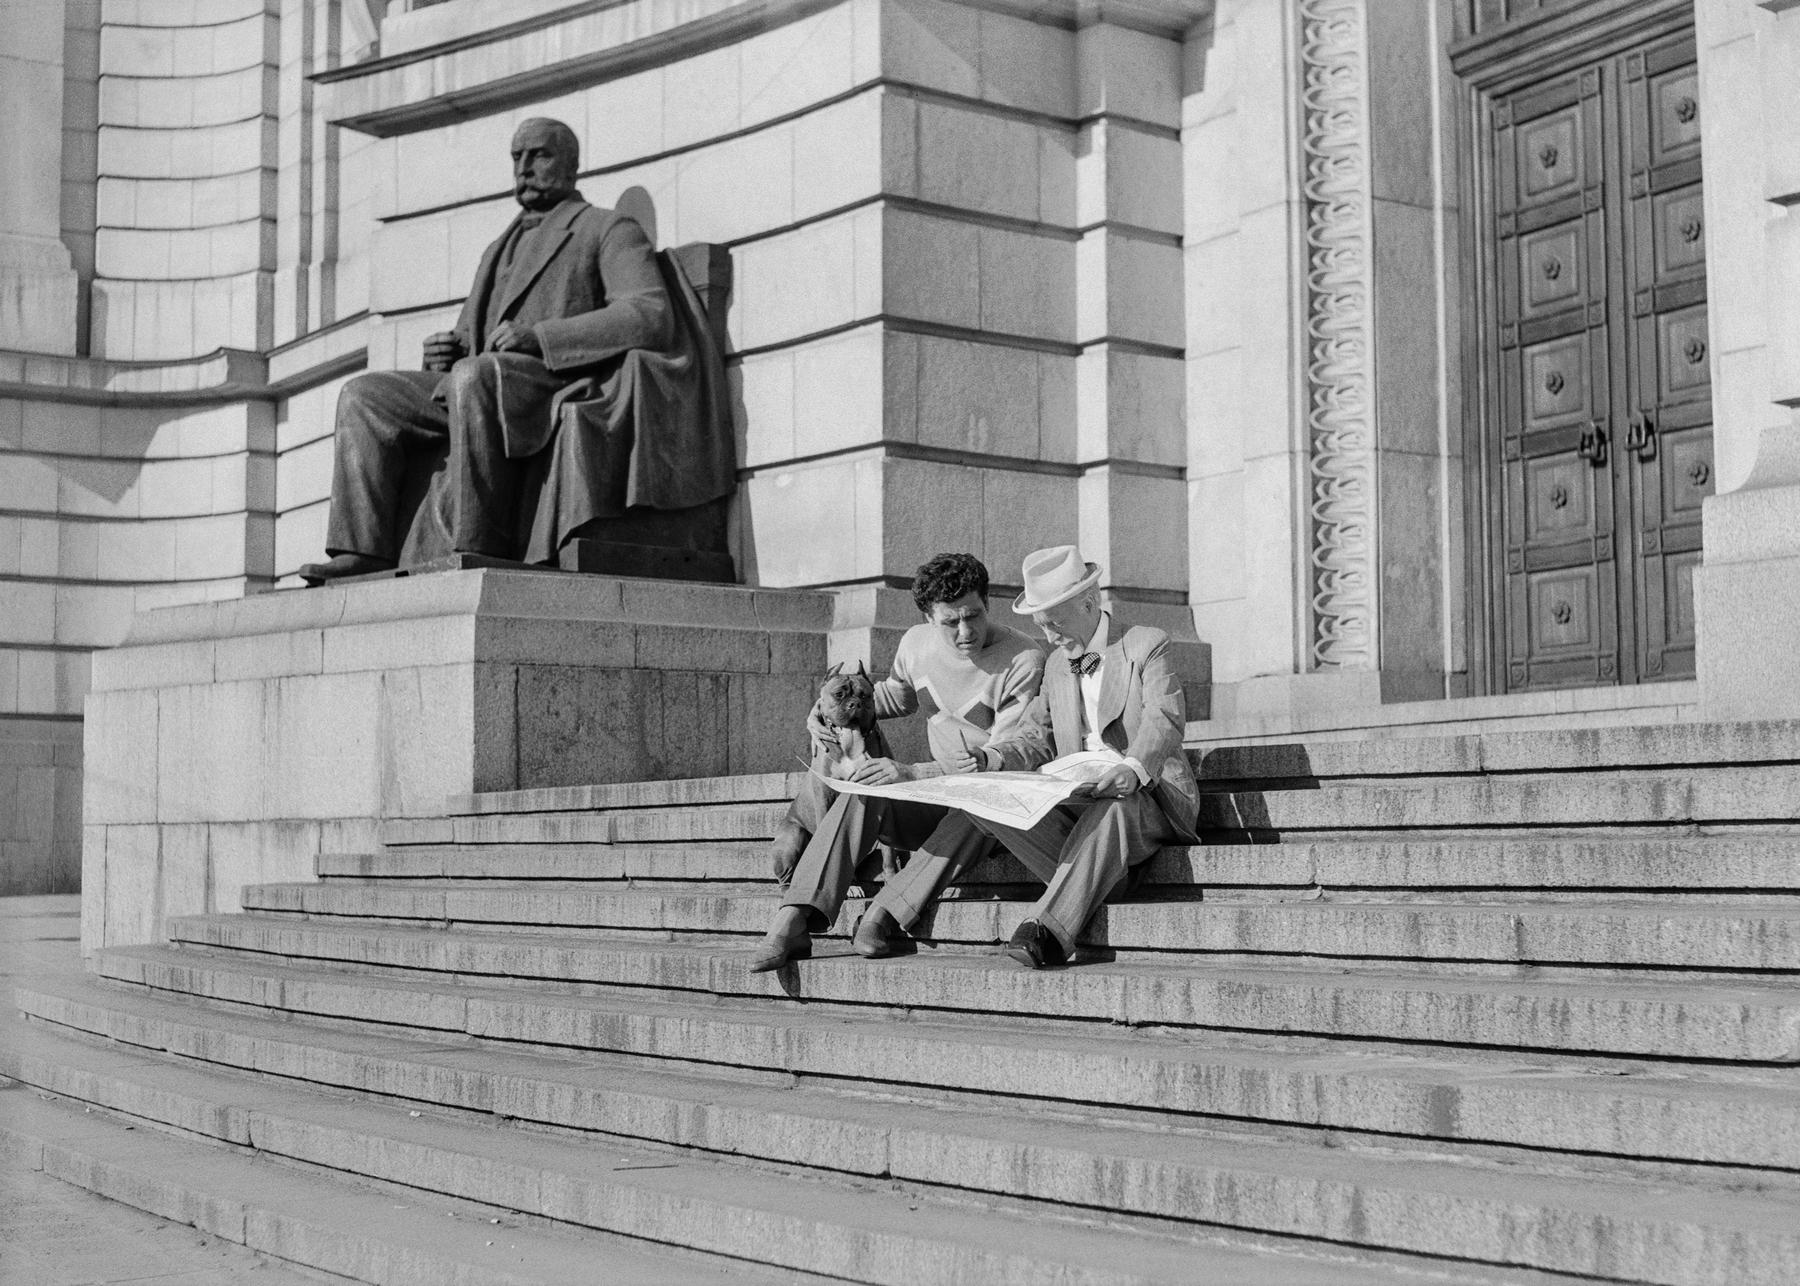 <p>&quot;Любимец № 13&quot; , 1958 г. Фотограф: Донка Йолова</p>  <p>Софийският университет &bdquo;Св. Климент Охридски&lsquo;&lsquo; &ndash; млад и стар ерген с кучето Амур в търсене на любовта (А. Карамитев и Л. Бобчевски)</p>